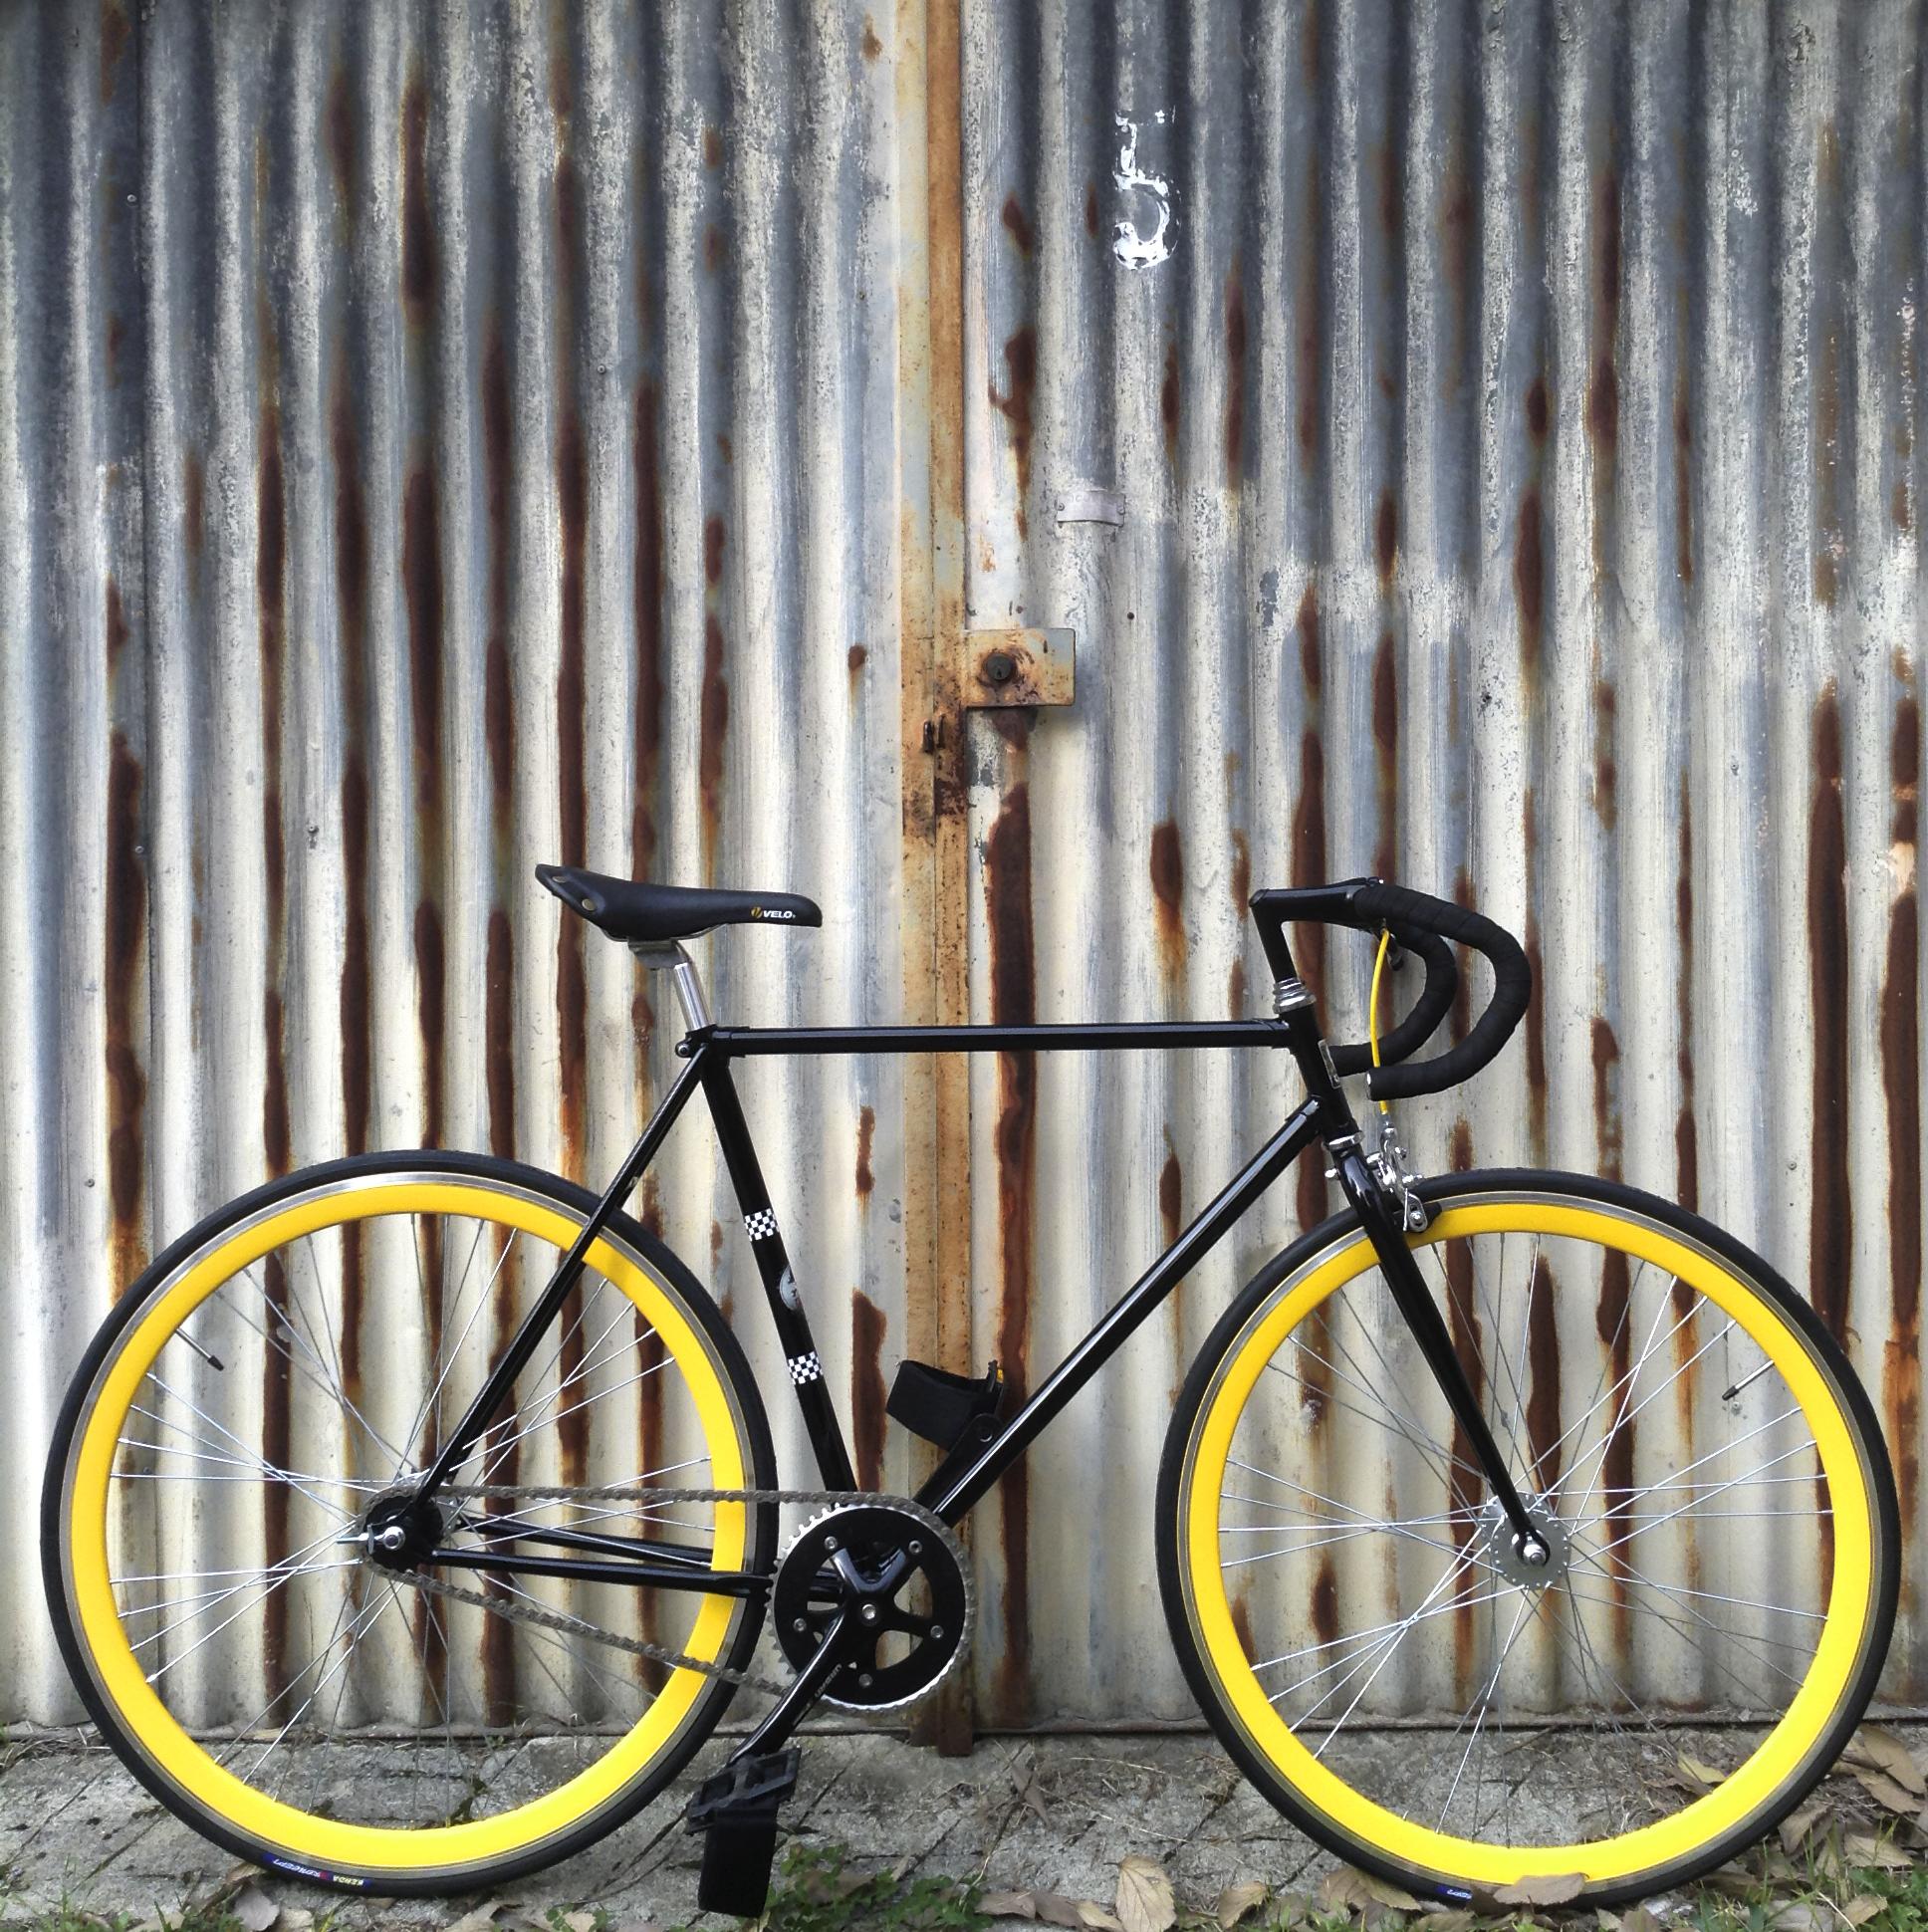 scatofisso-ruote-gialle1-